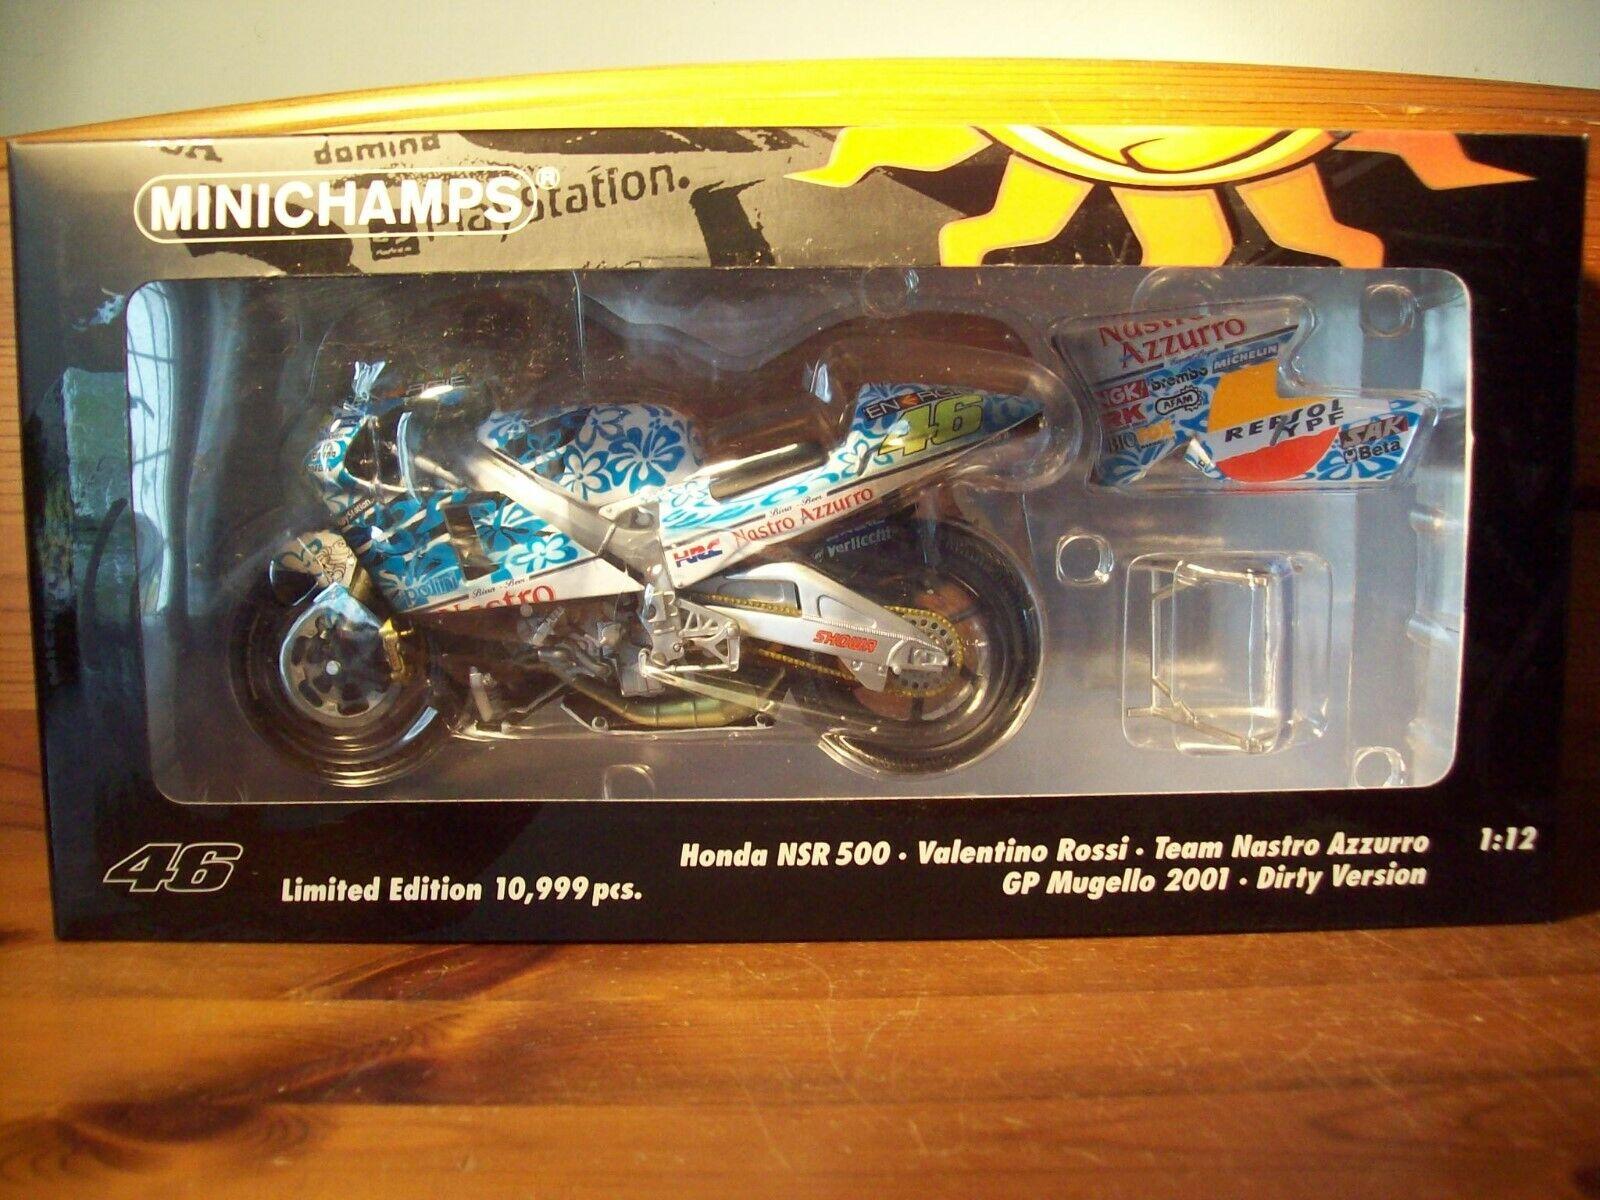 1 12 MINICHAMP 122 016186 VALENTINO ROSSI HONDA NSR500 MOTOGP 2001 MUGELLO DIRTY